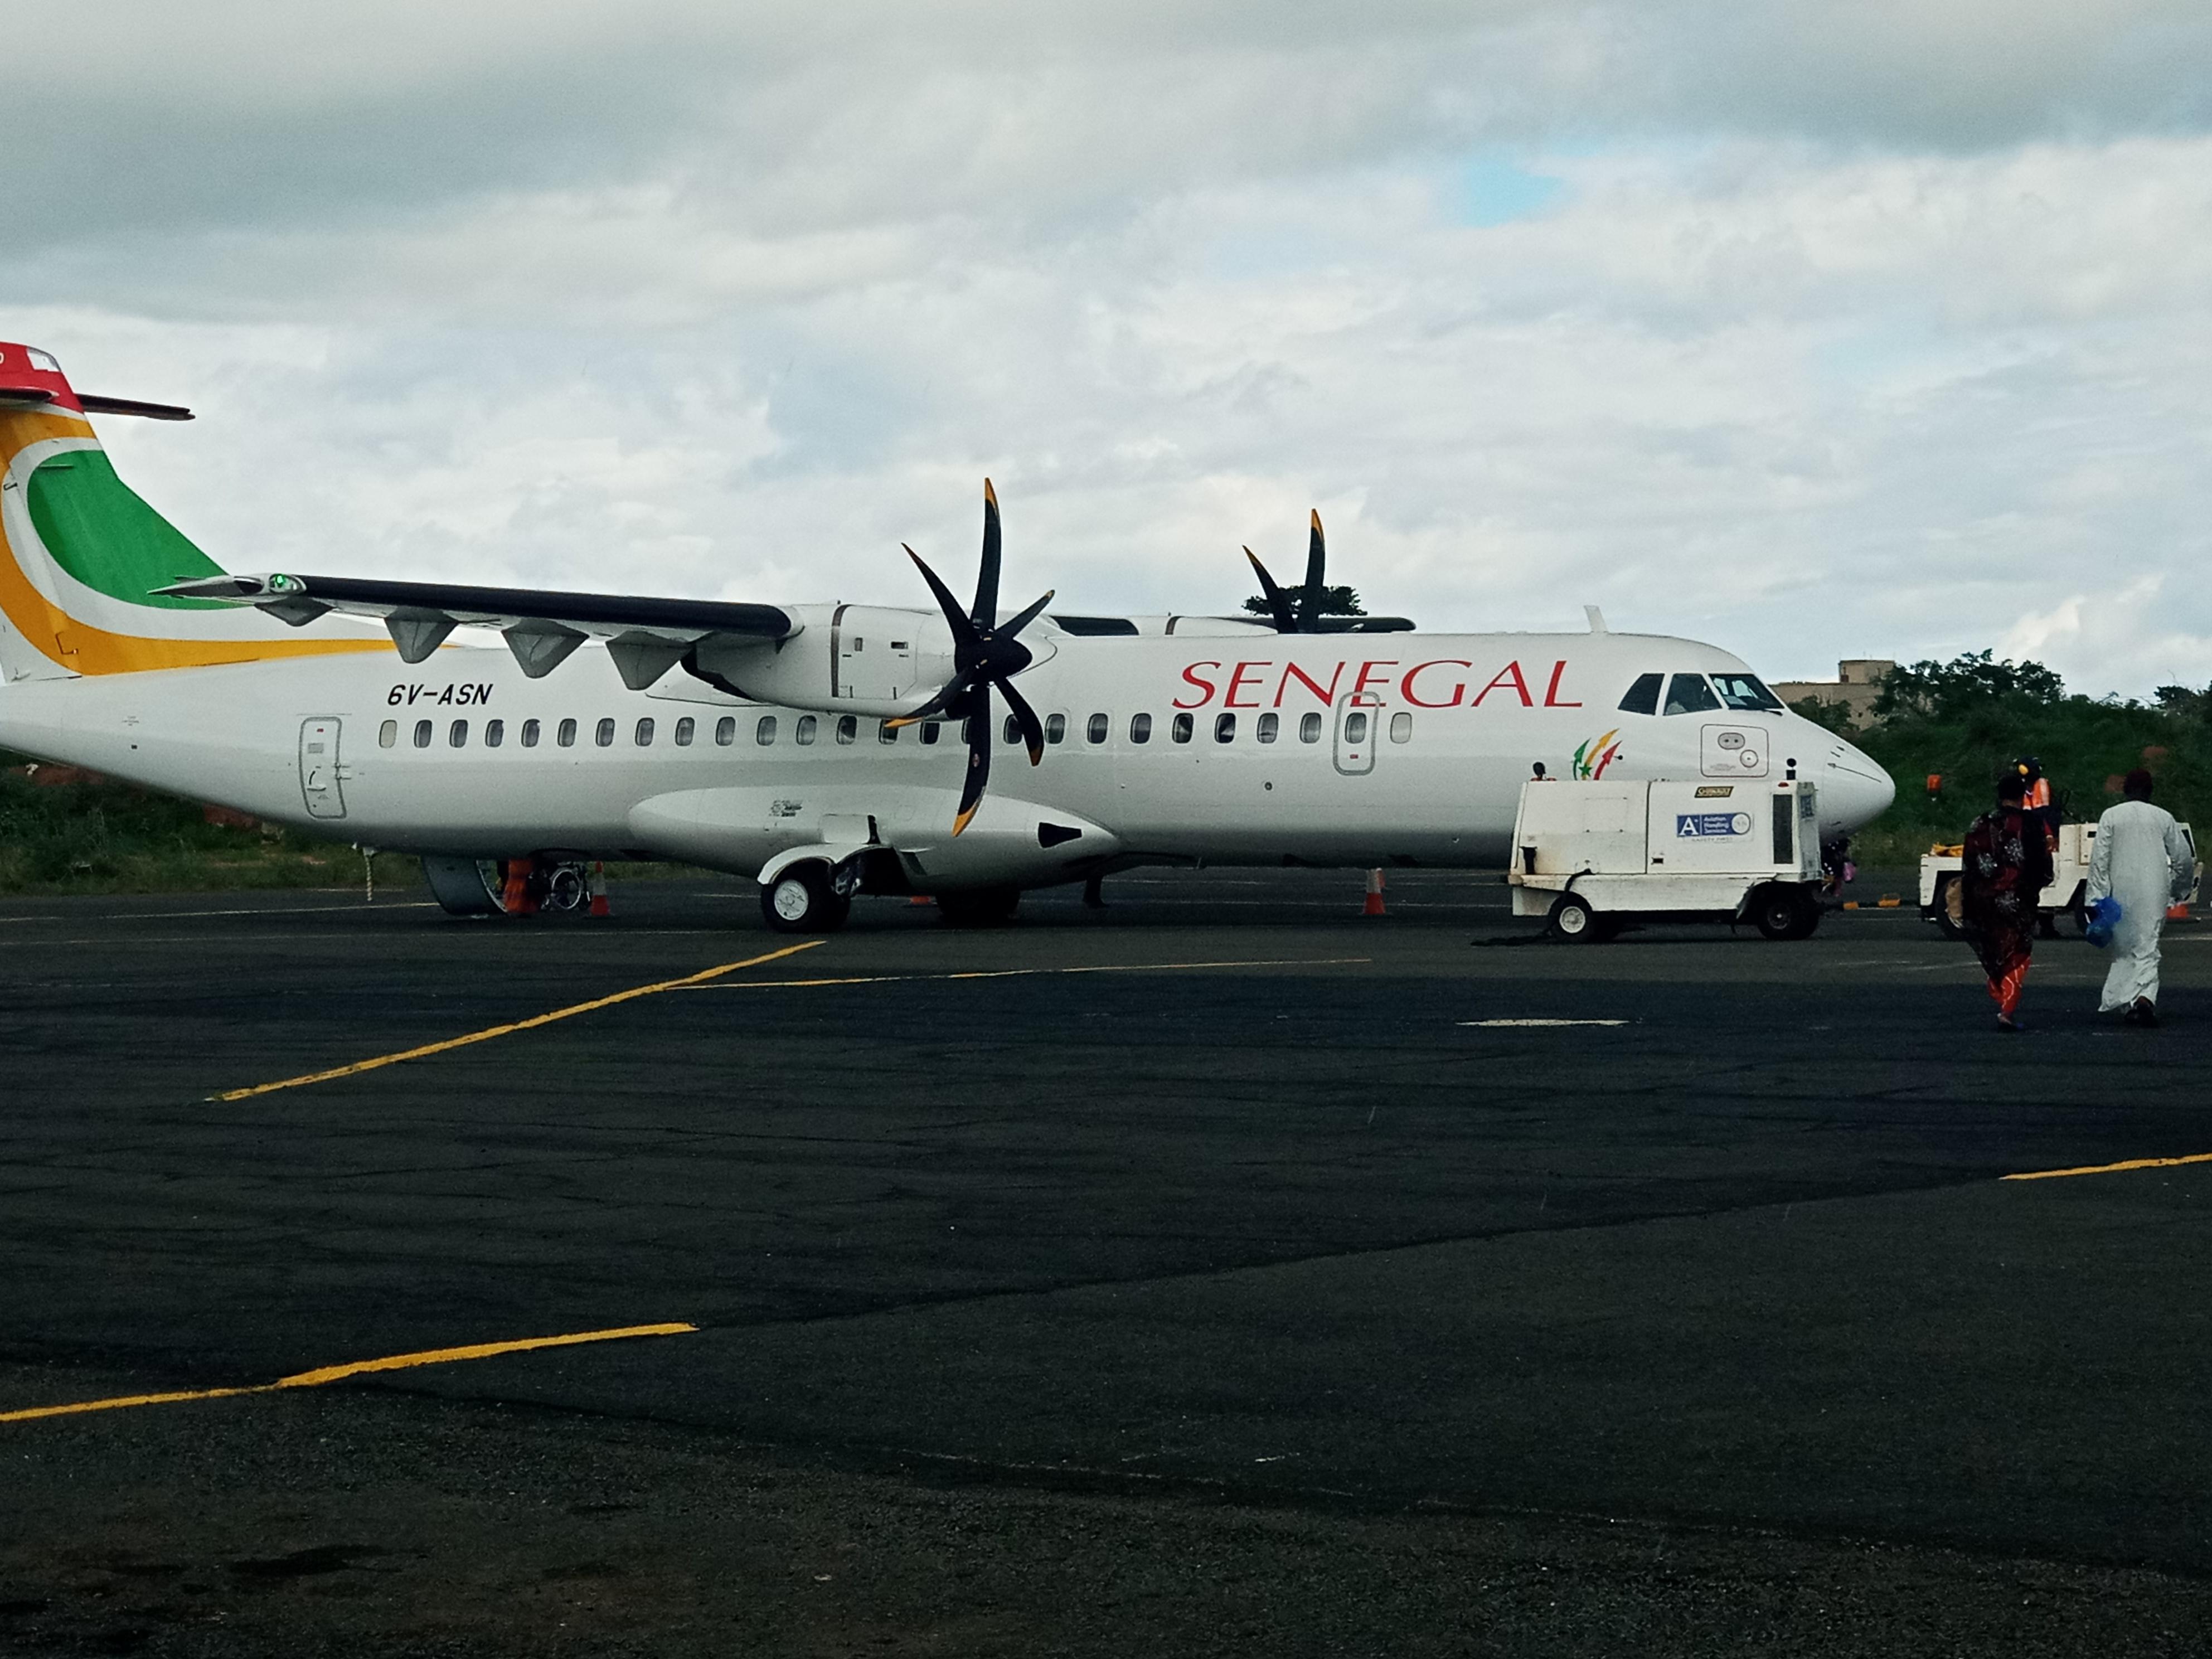 Liaisons aériennes : la Mauritanie, le Maroc et le Nigéria bientôt desservis par Air Sénégal